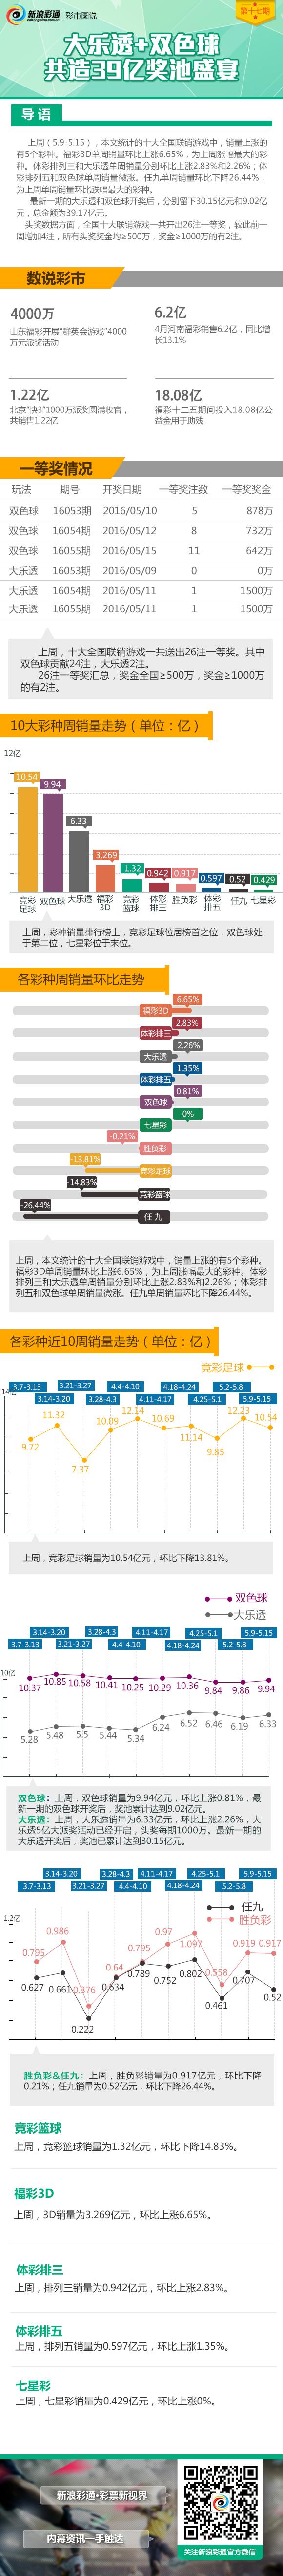 彩市图说第17期:大乐透+双色球共造39亿奖池盛宴